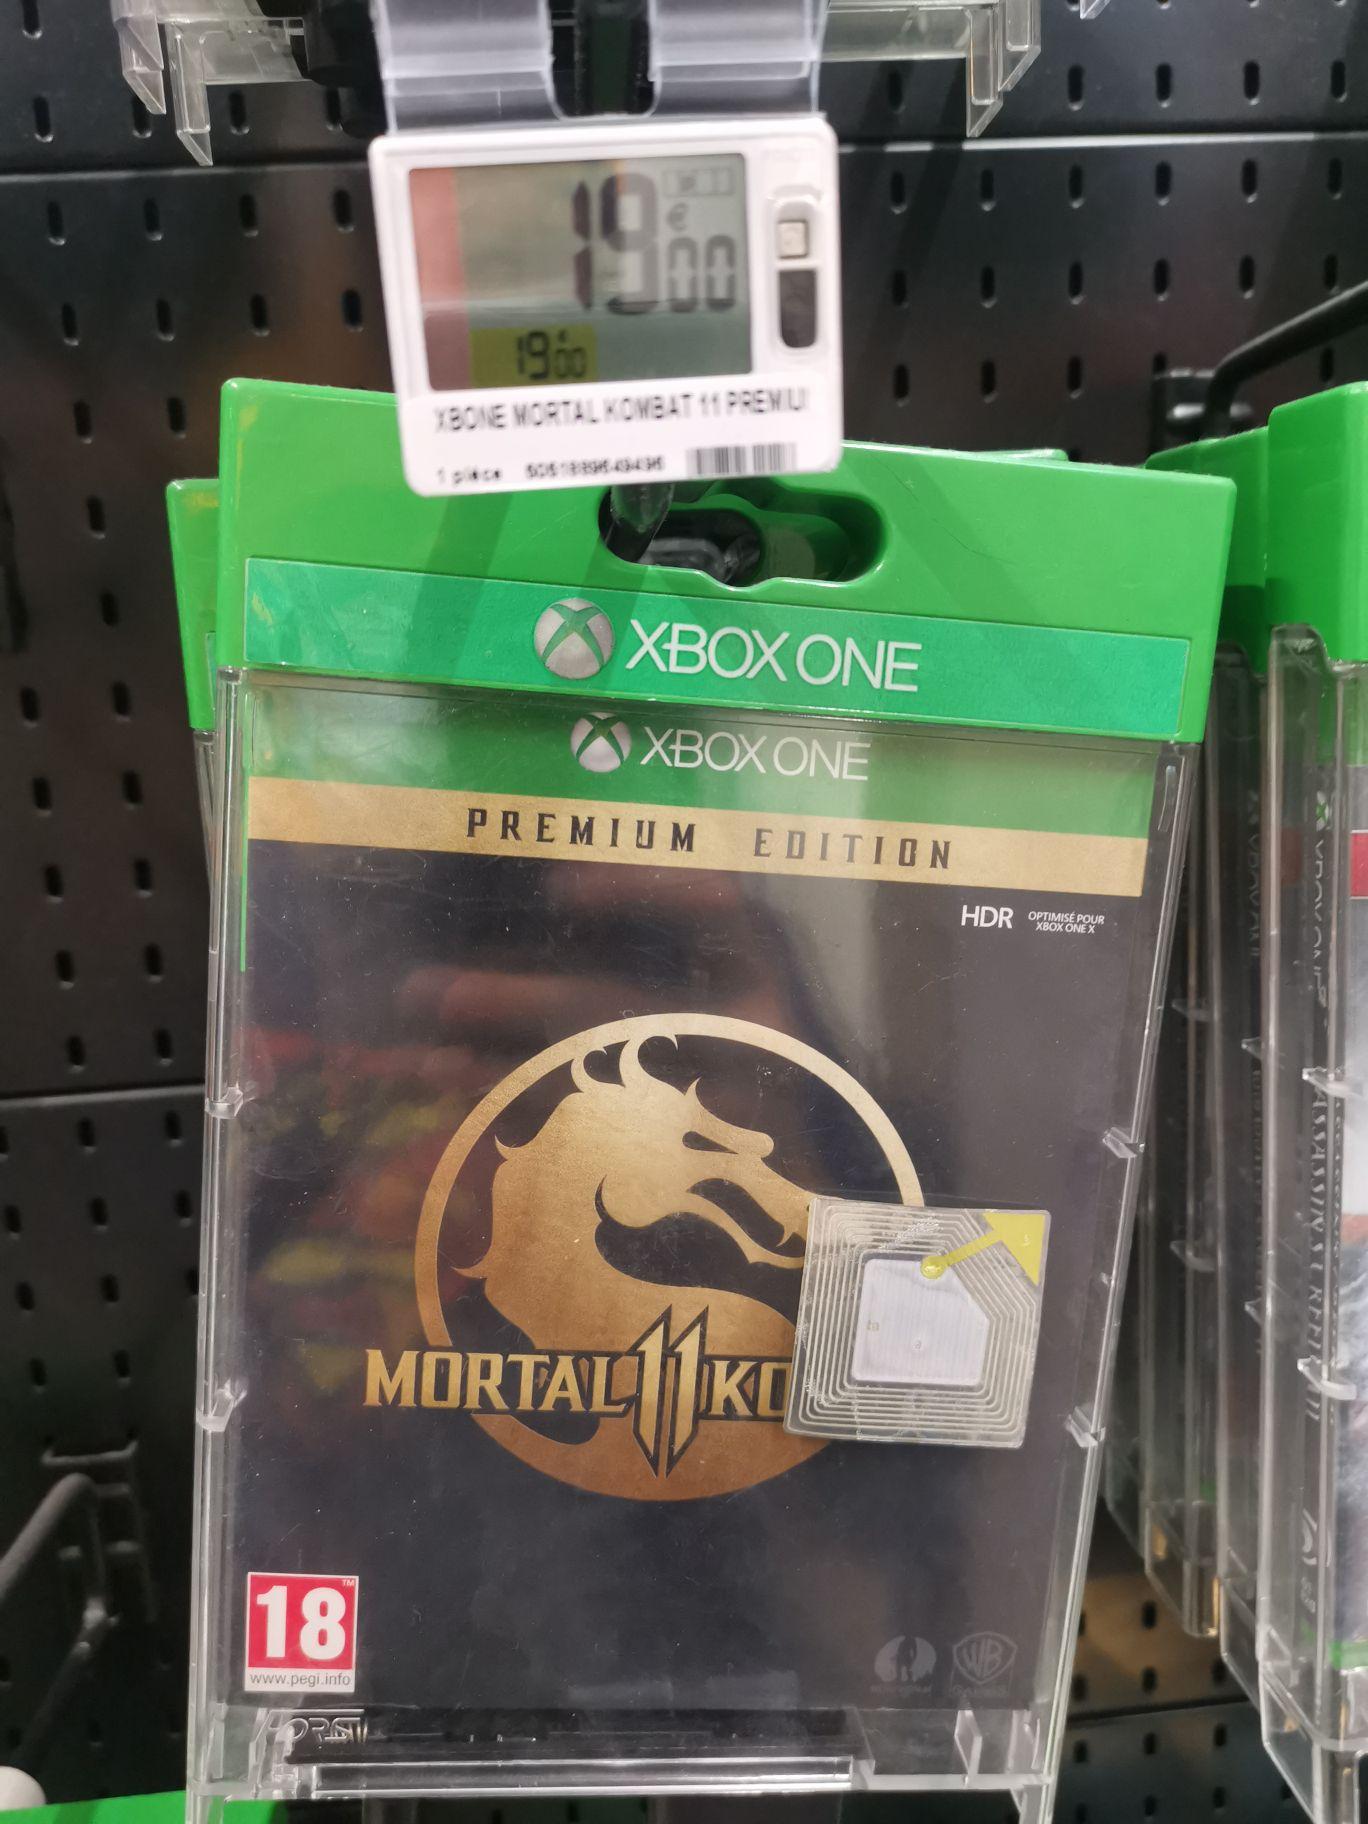 Sélection de jeux Xbox One en promotion (Ex: Mortal Kombat 11 édition premium) - Compiègne 60